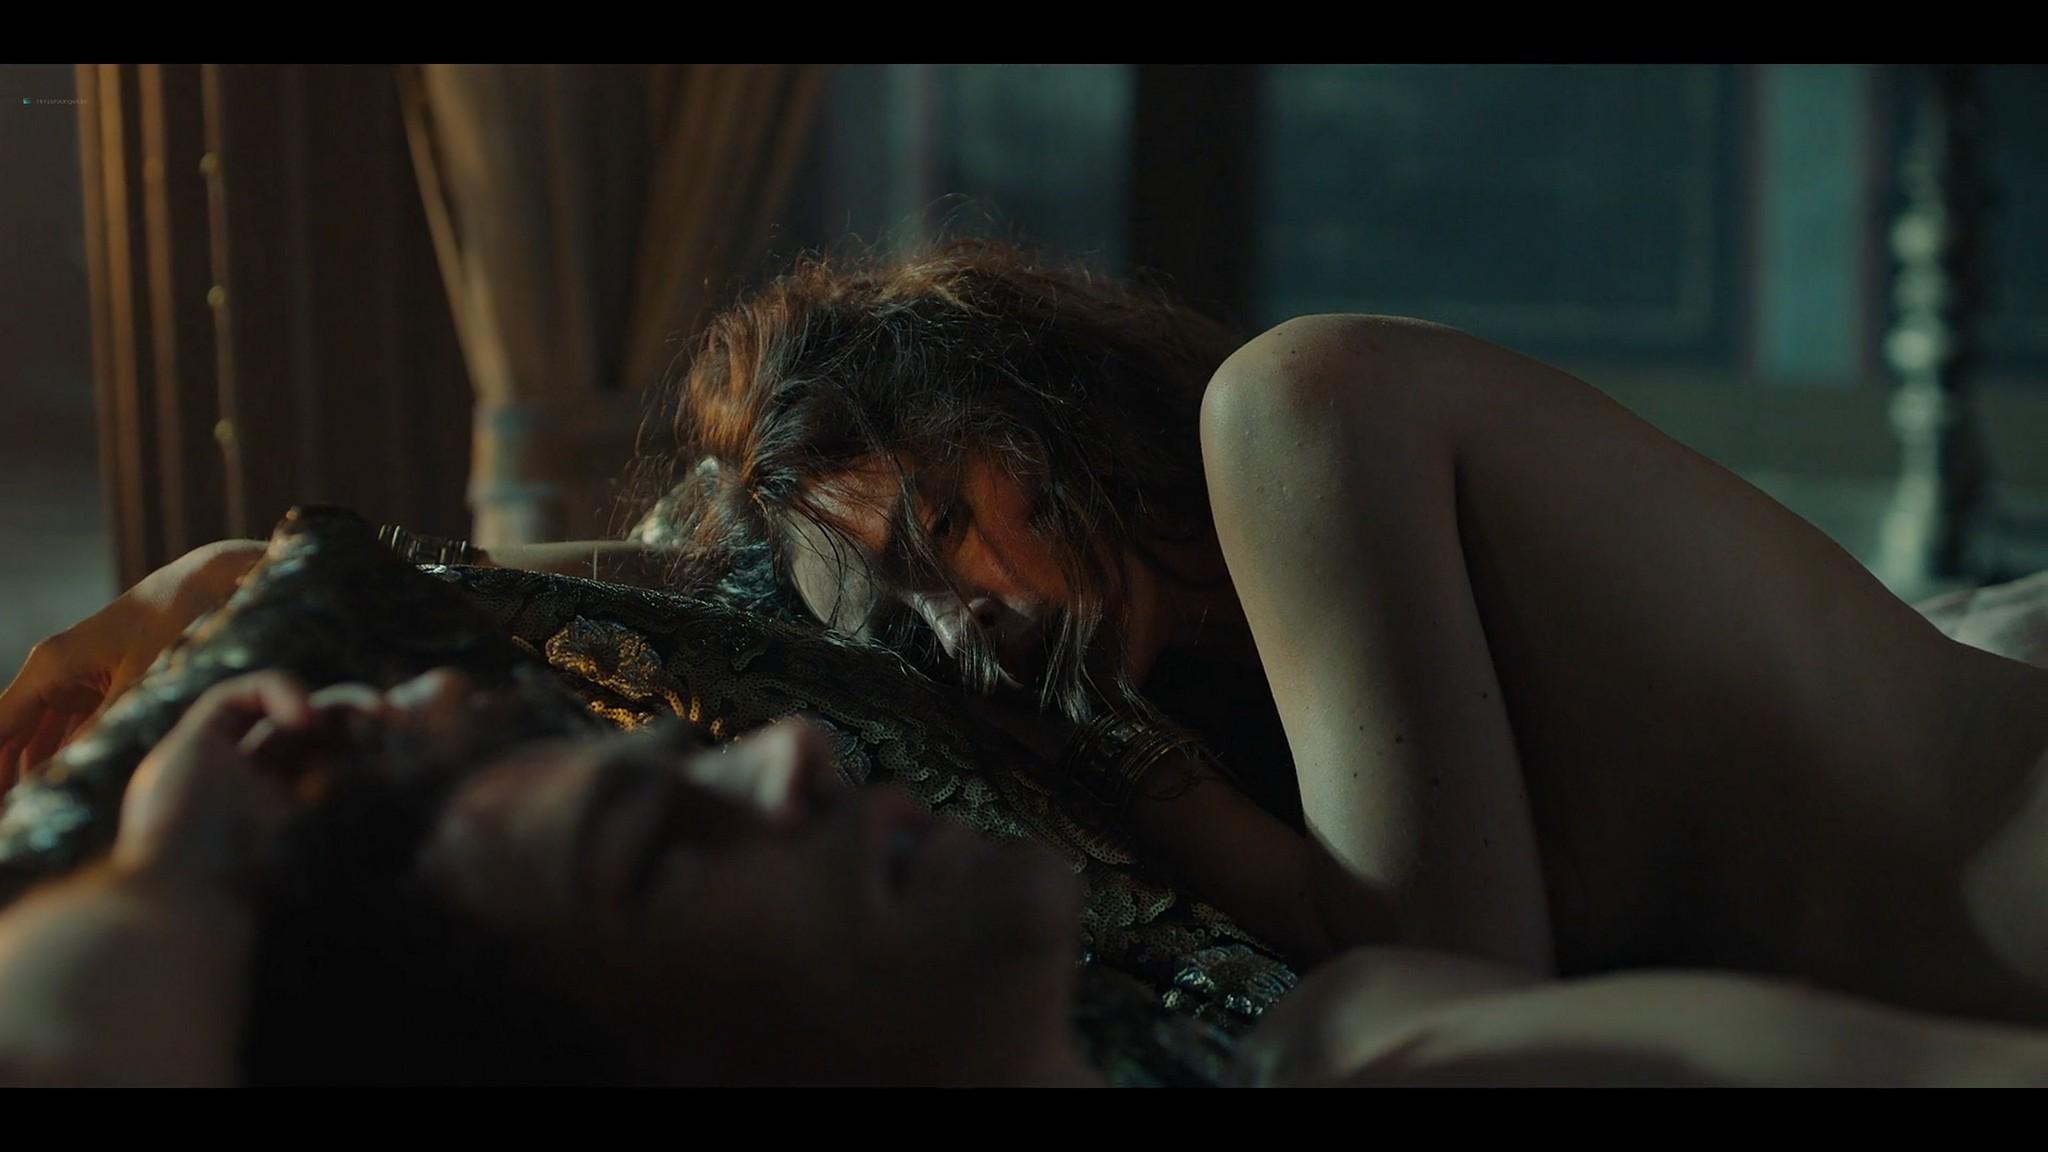 Kasia Smutniak nude sex Alais Lawson nude butt Domina 2021 S1 1080p Web 17